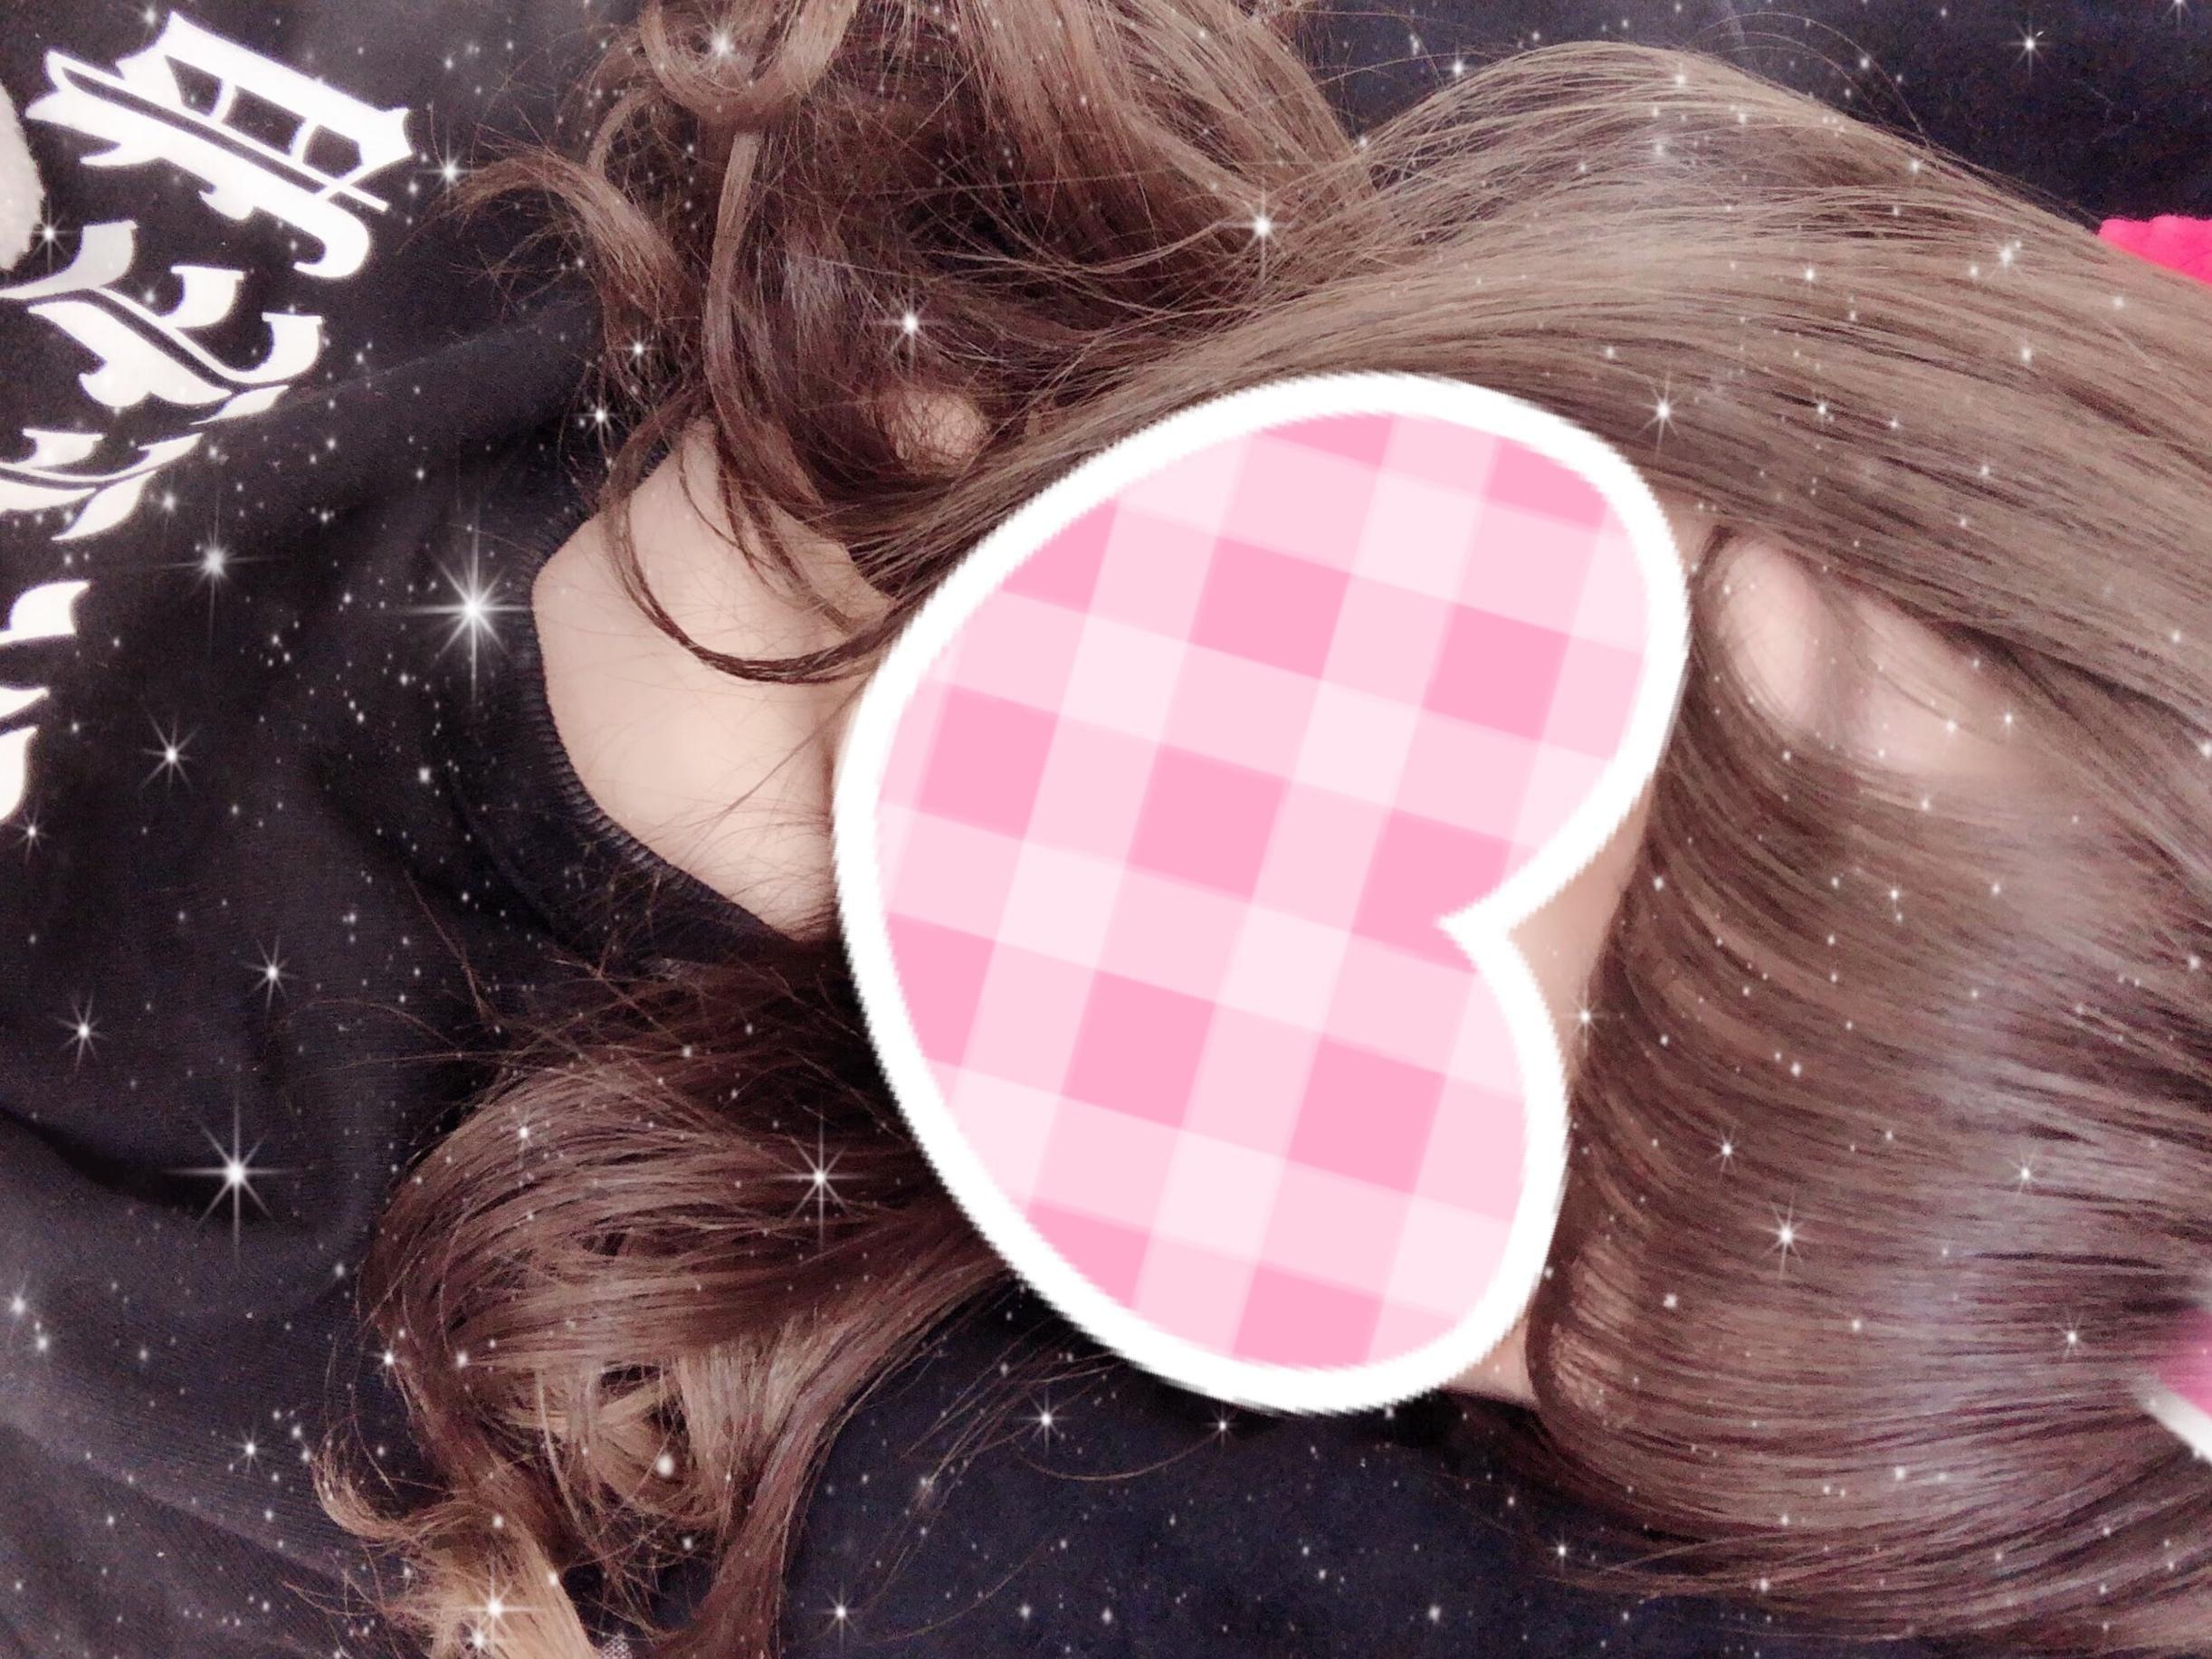 「お礼♡」09/13(09/13) 20:20 | ありすの写メ・風俗動画